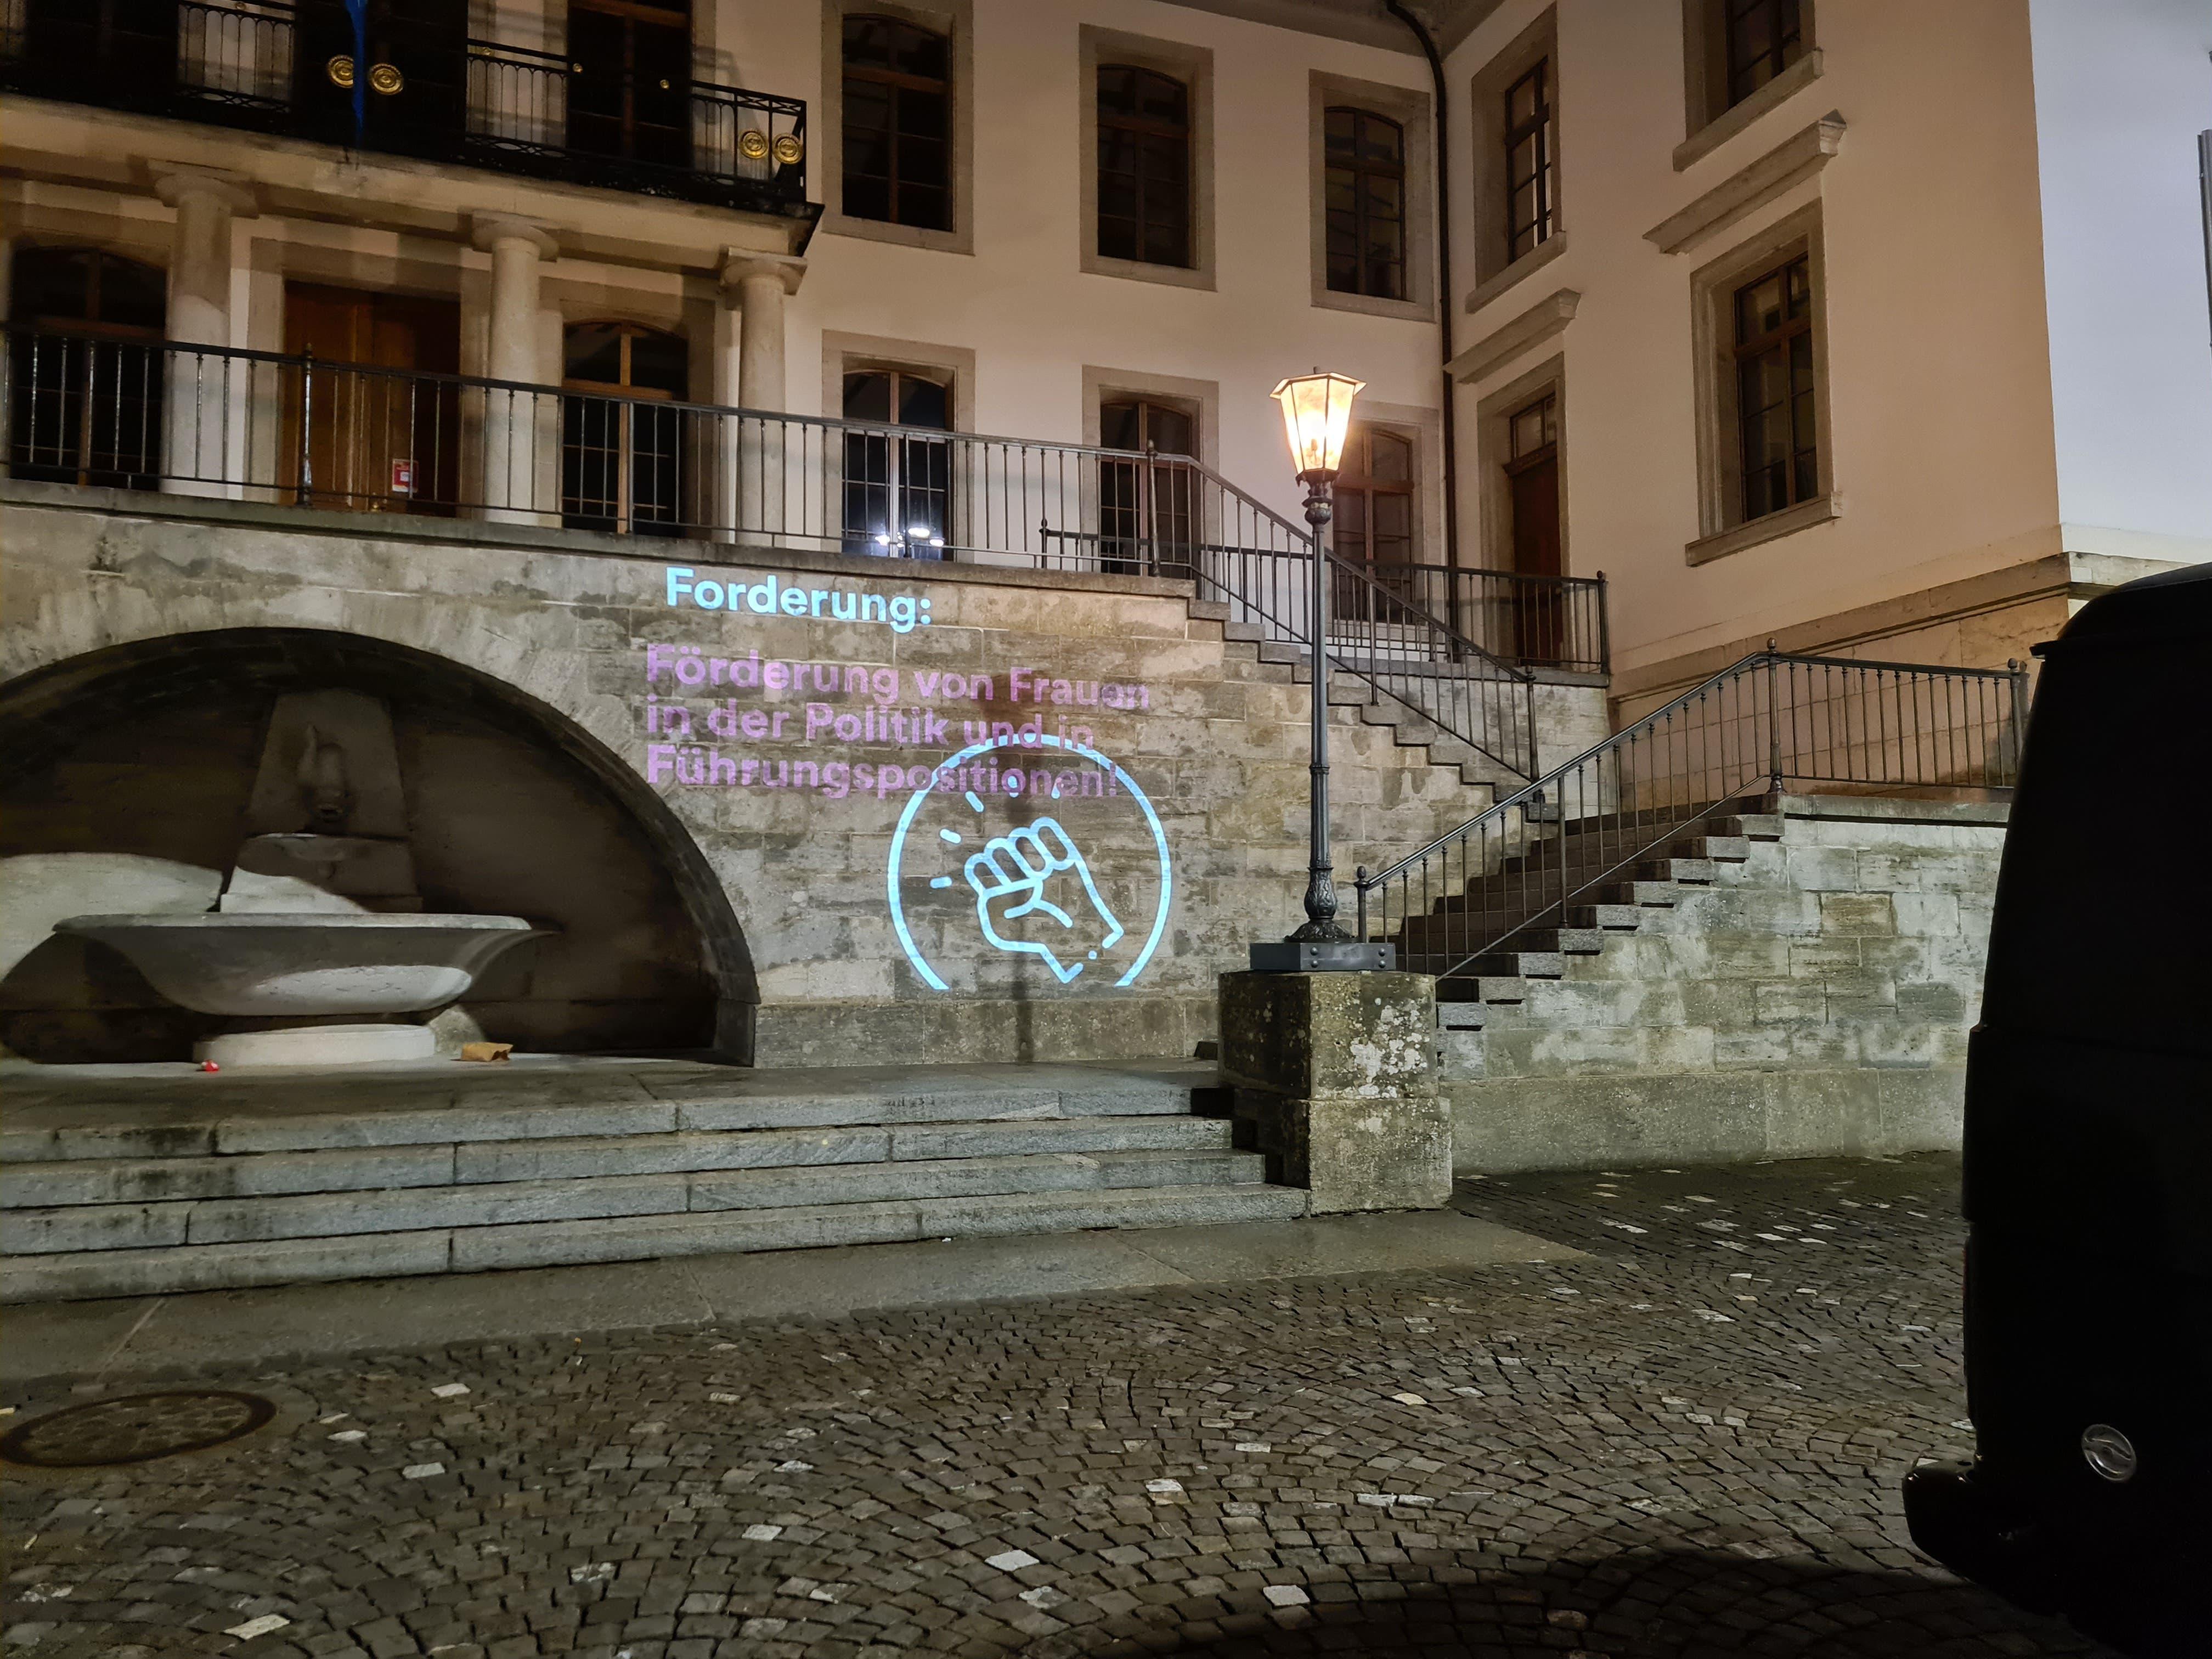 Mehr Frauen in der Politik: Die Forderung prangert am Regierungsgebäude in Aarau.